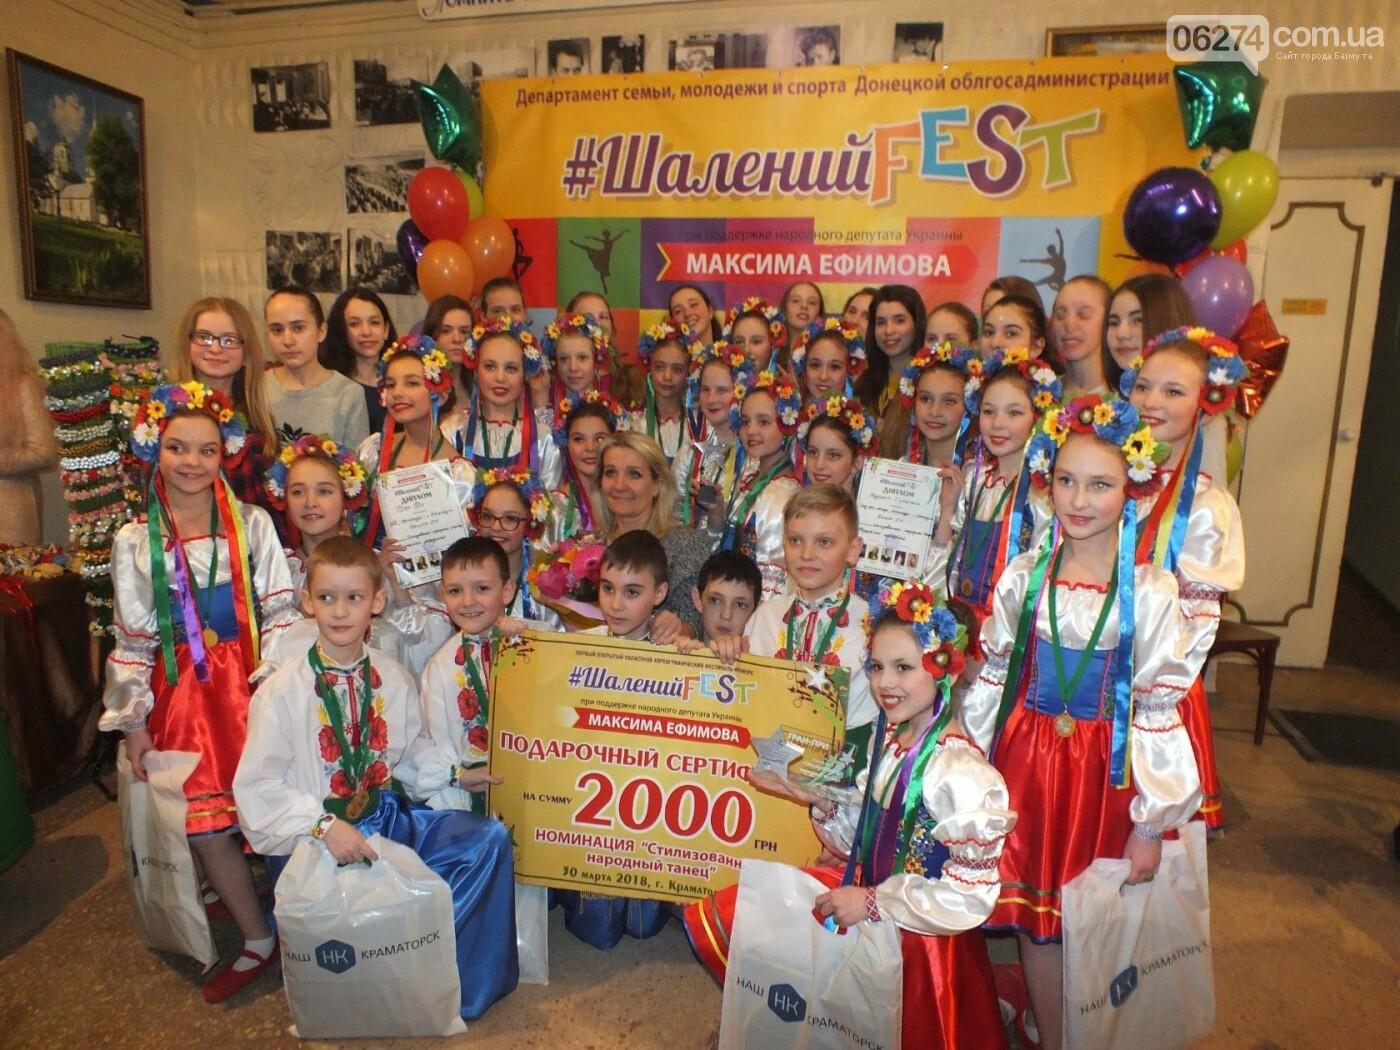 «Непоседы» из Бахмута стали лучшими на двух танцевальных конкурсах в Донецкой области, фото-3